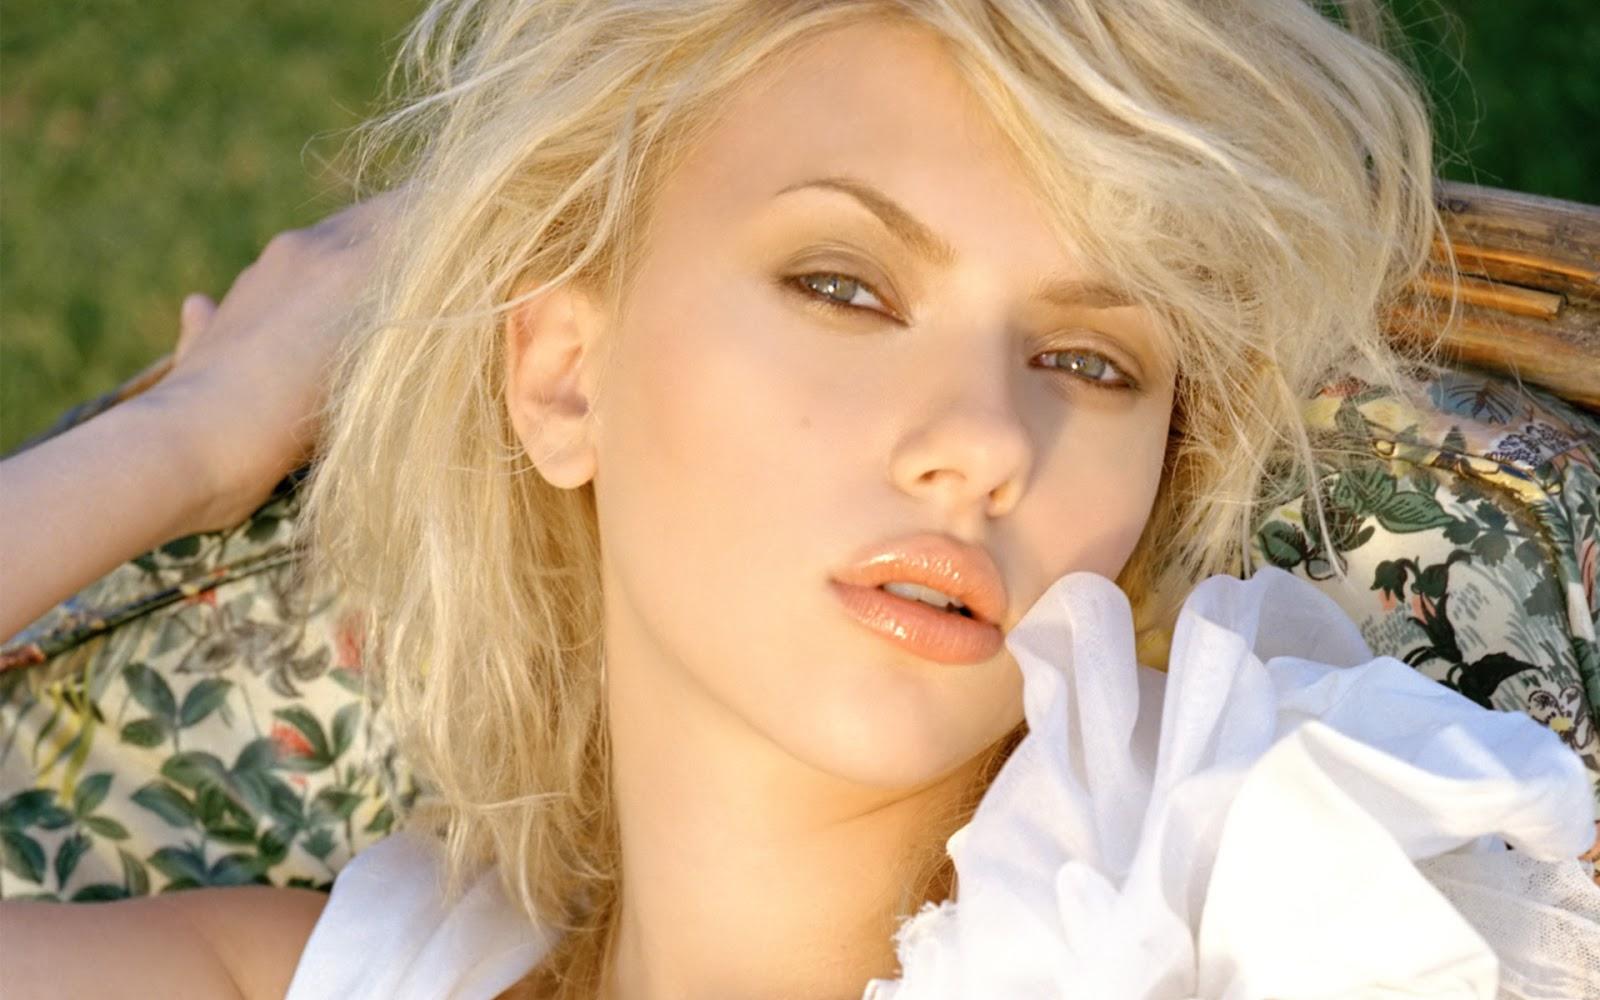 http://1.bp.blogspot.com/-utw6gqltiL0/T4mpU0_Ll5I/AAAAAAAARJk/o4yoWi6pQhg/s1600/Scarlett+Johansson+sexy+images.jpg